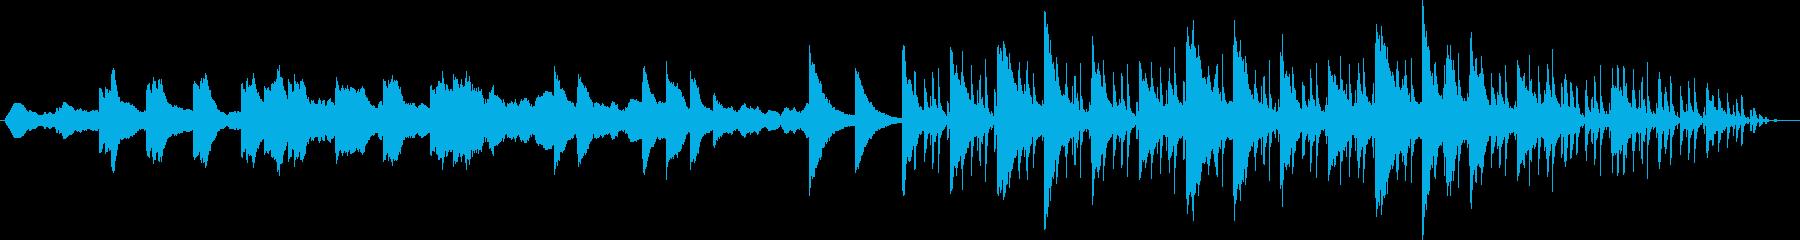 催眠、流れるようなニューエイジ楽器...の再生済みの波形